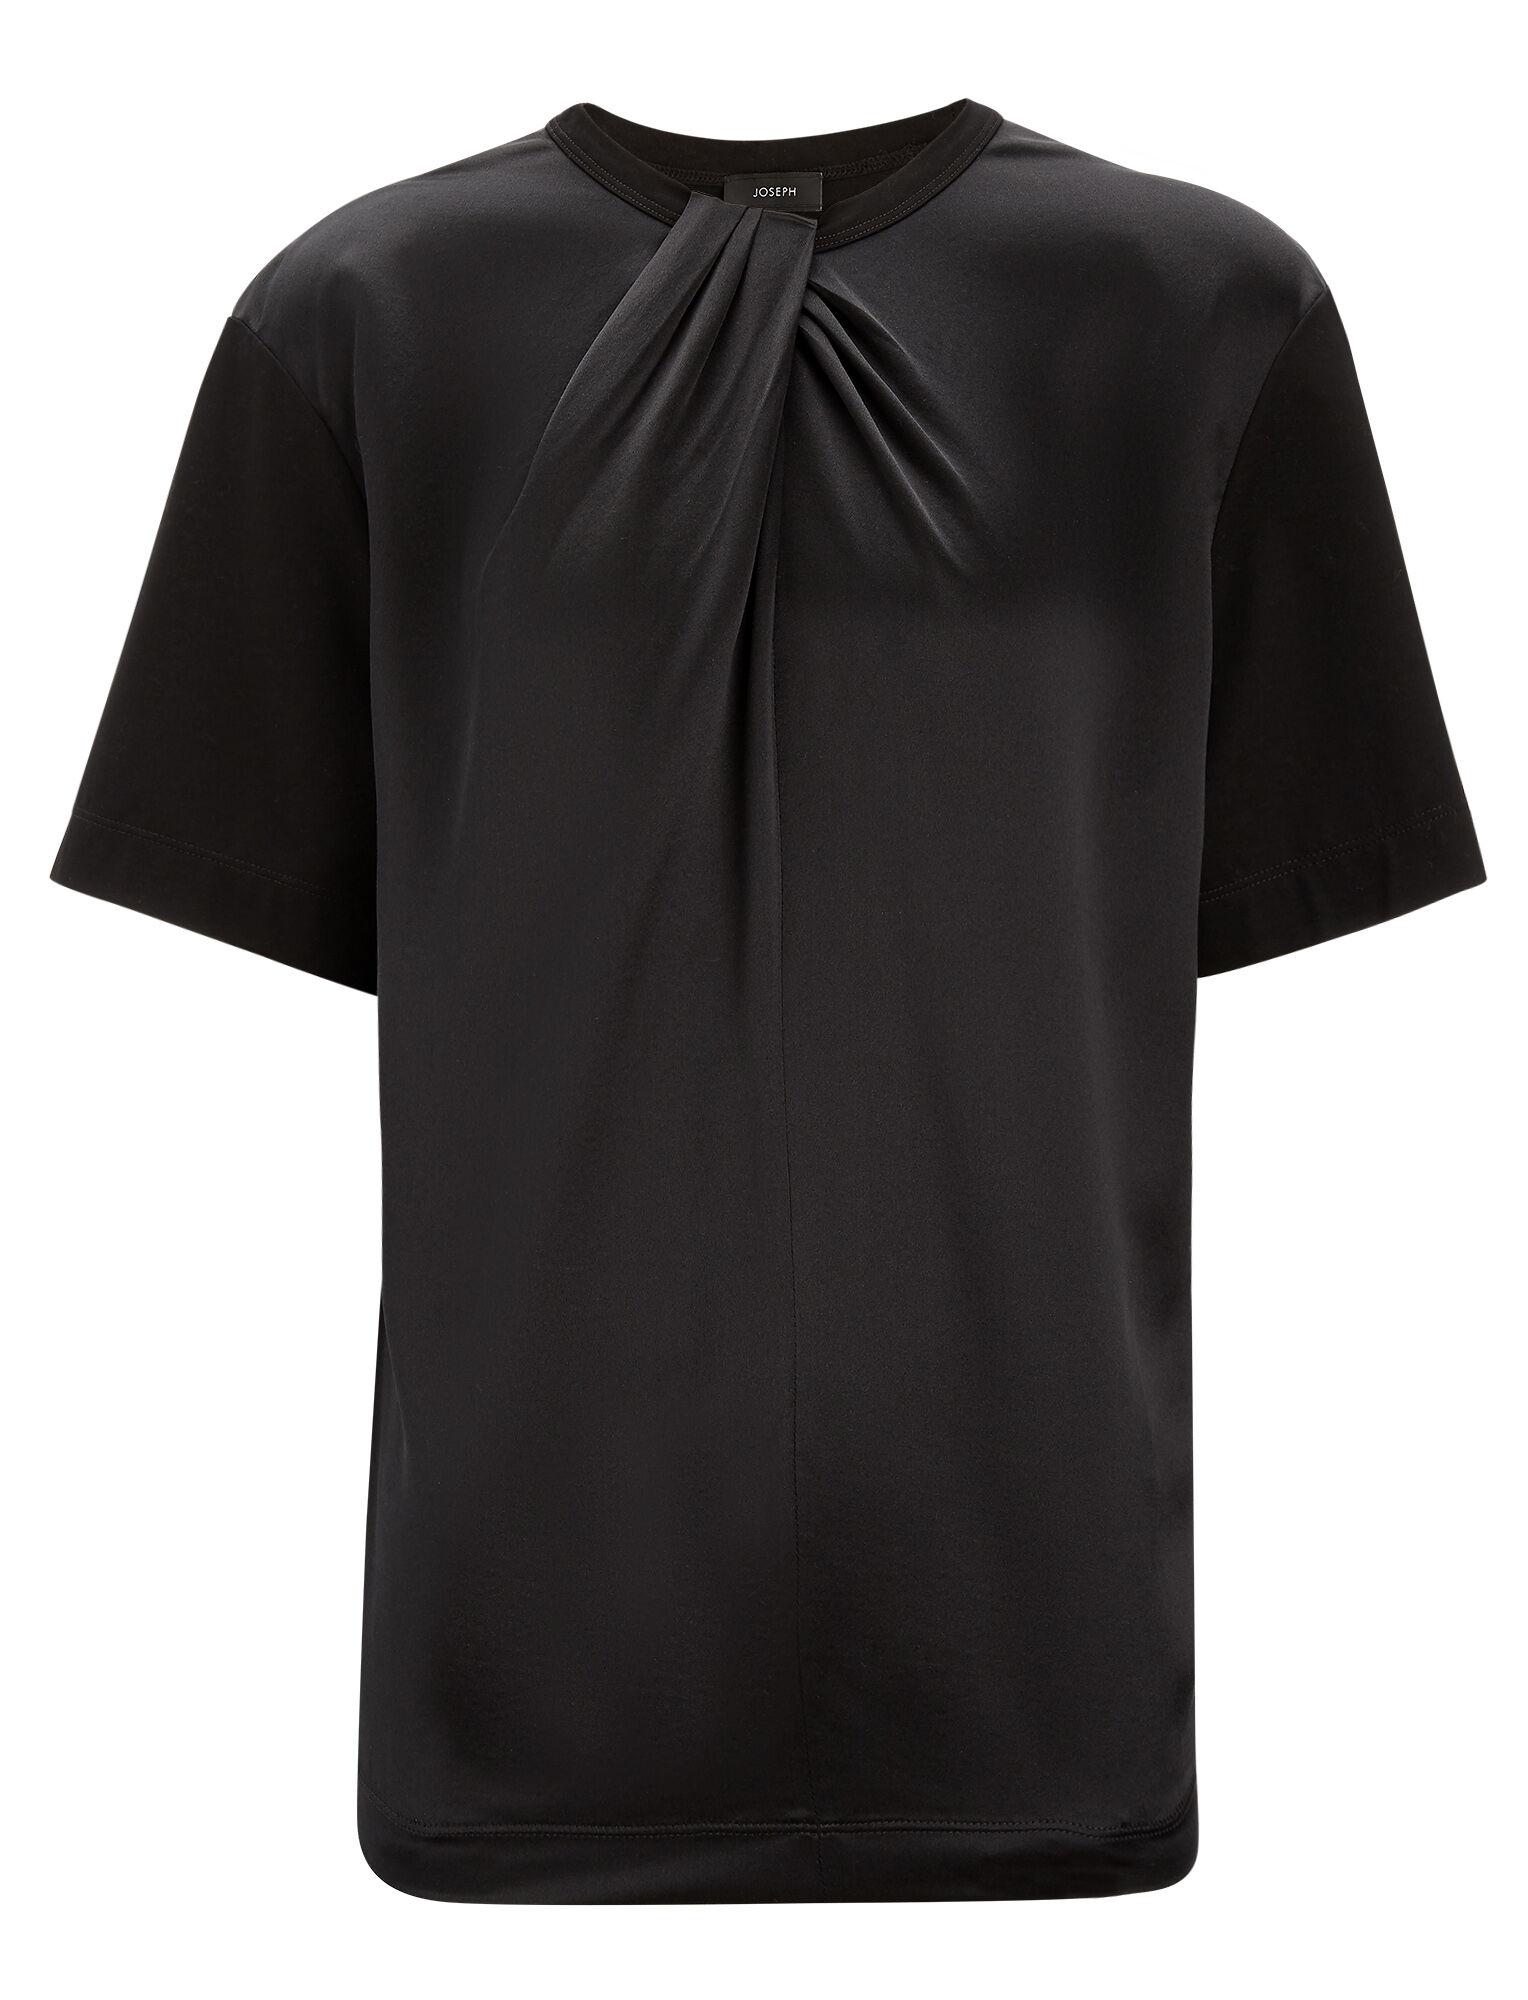 Joseph, Wrap + Silk Satin Jersey Tee, in BLACK